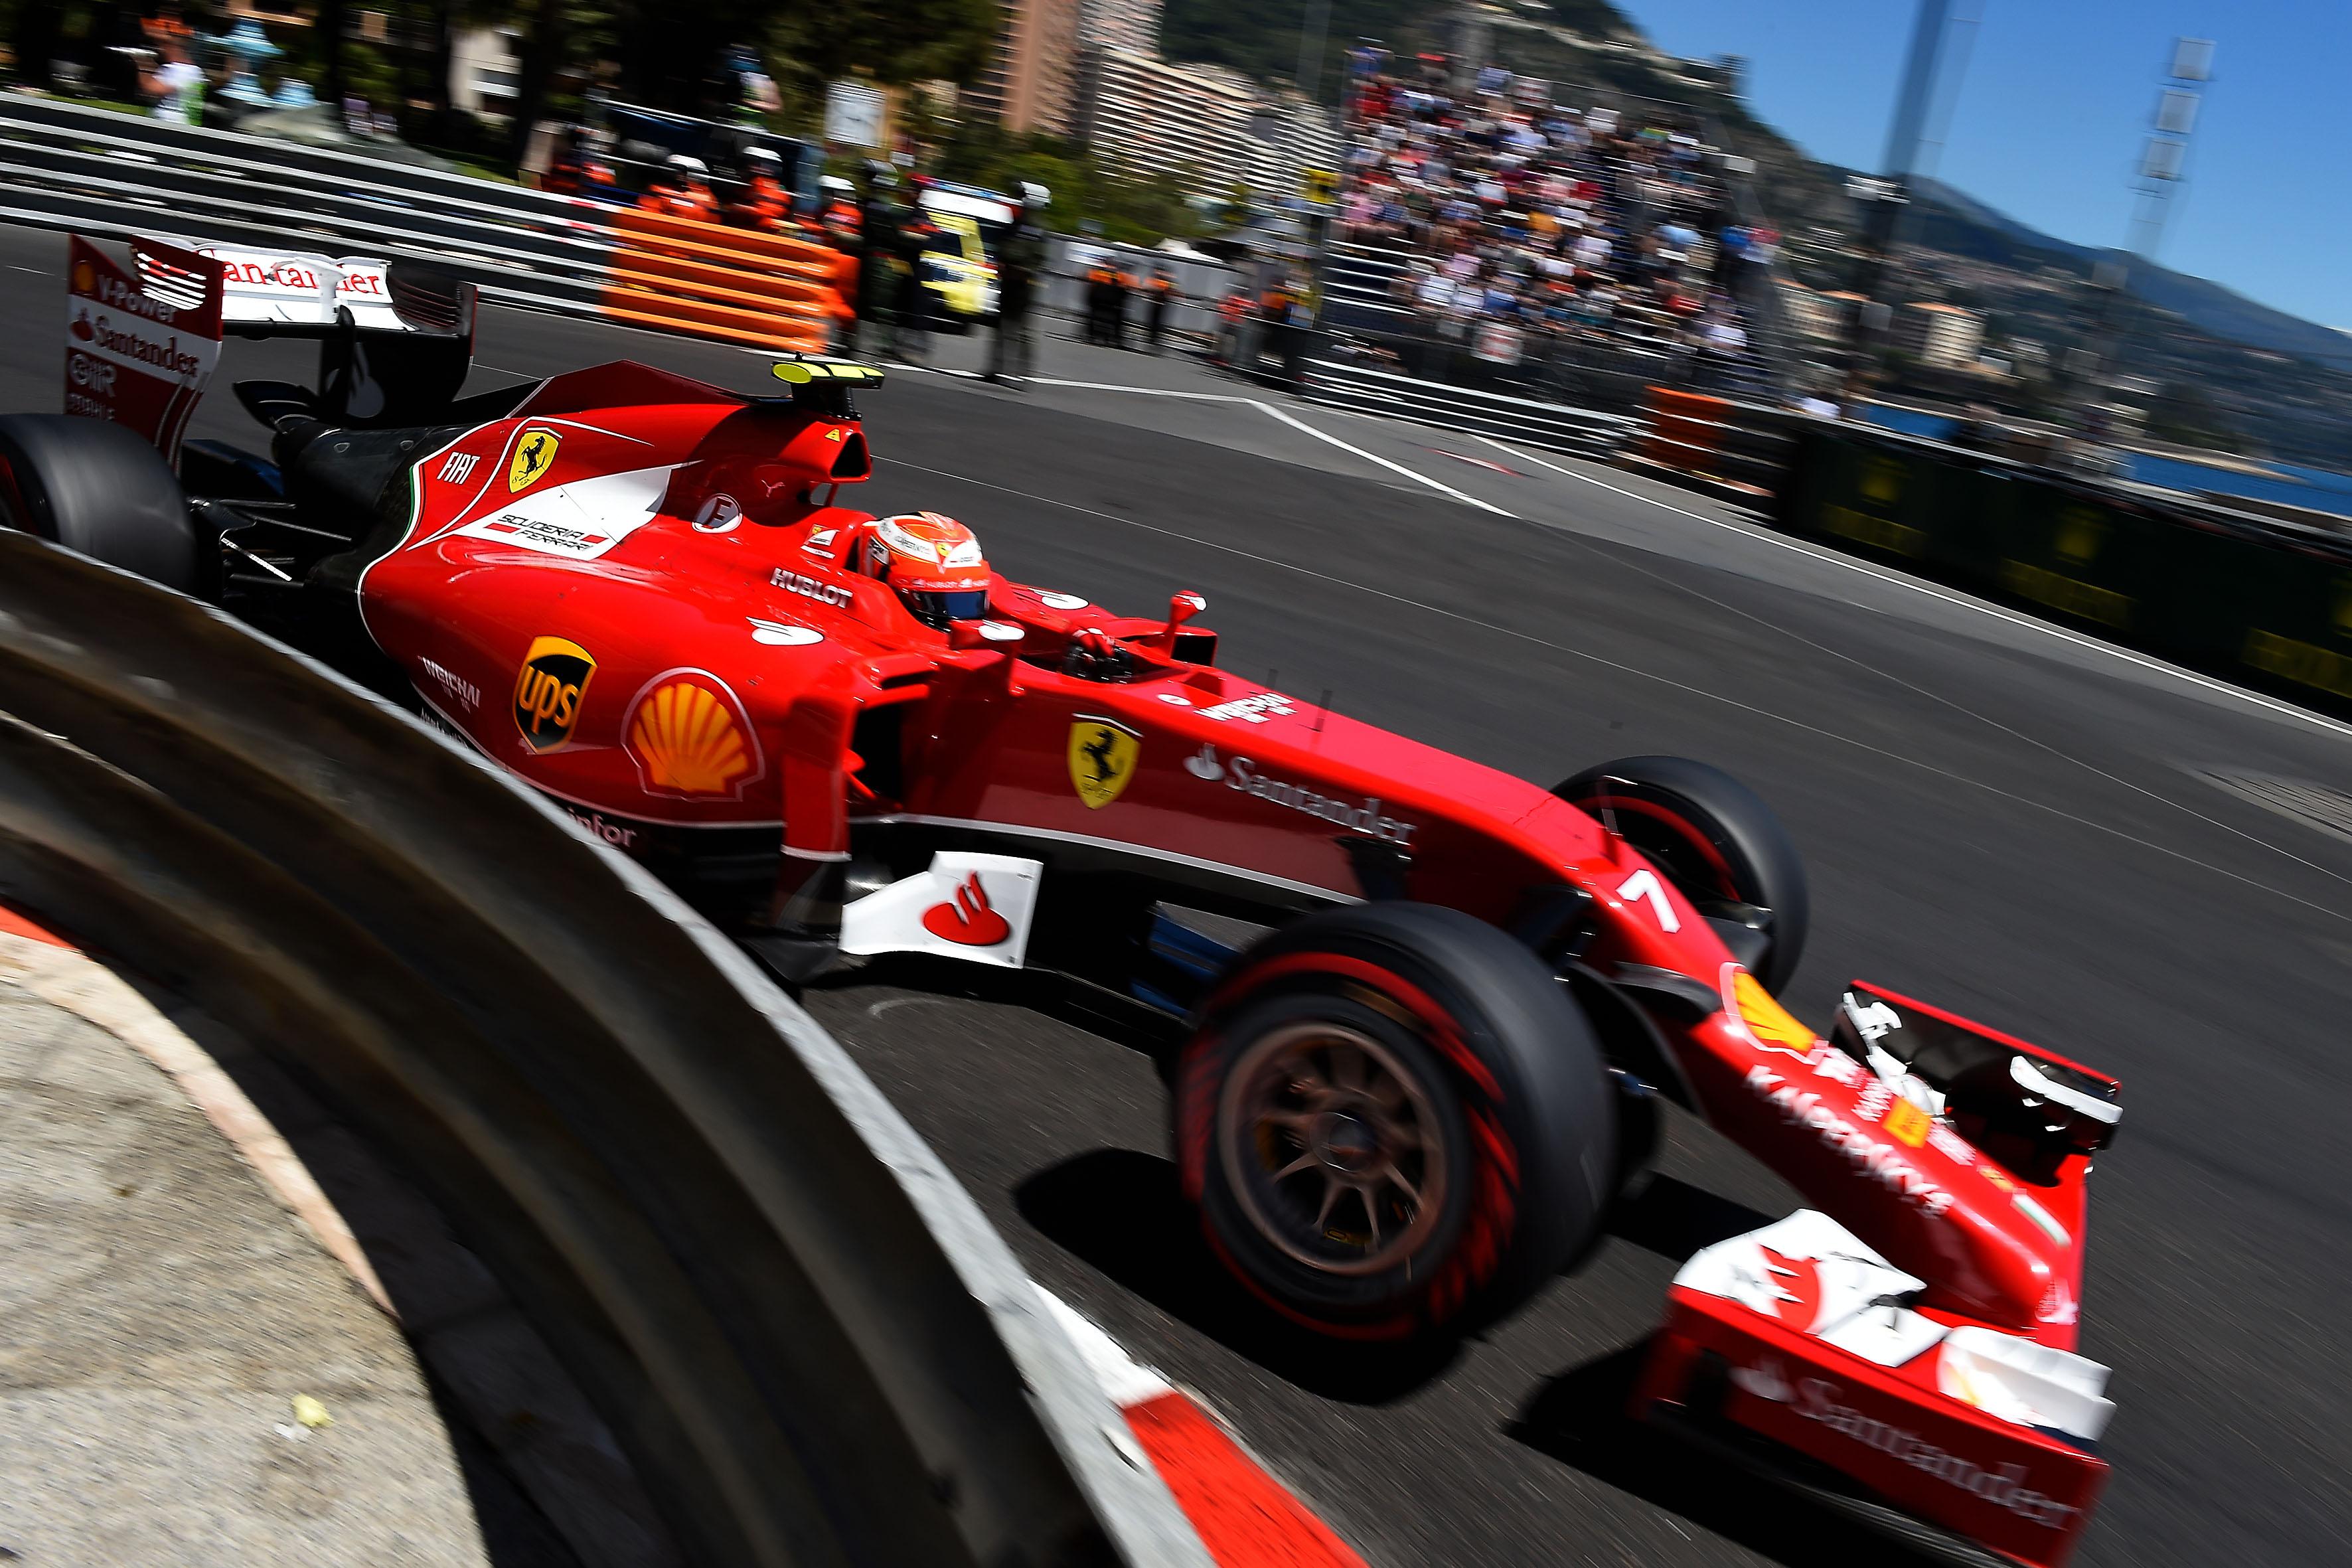 Kimi Raikkonen, Ferrari, Monaco